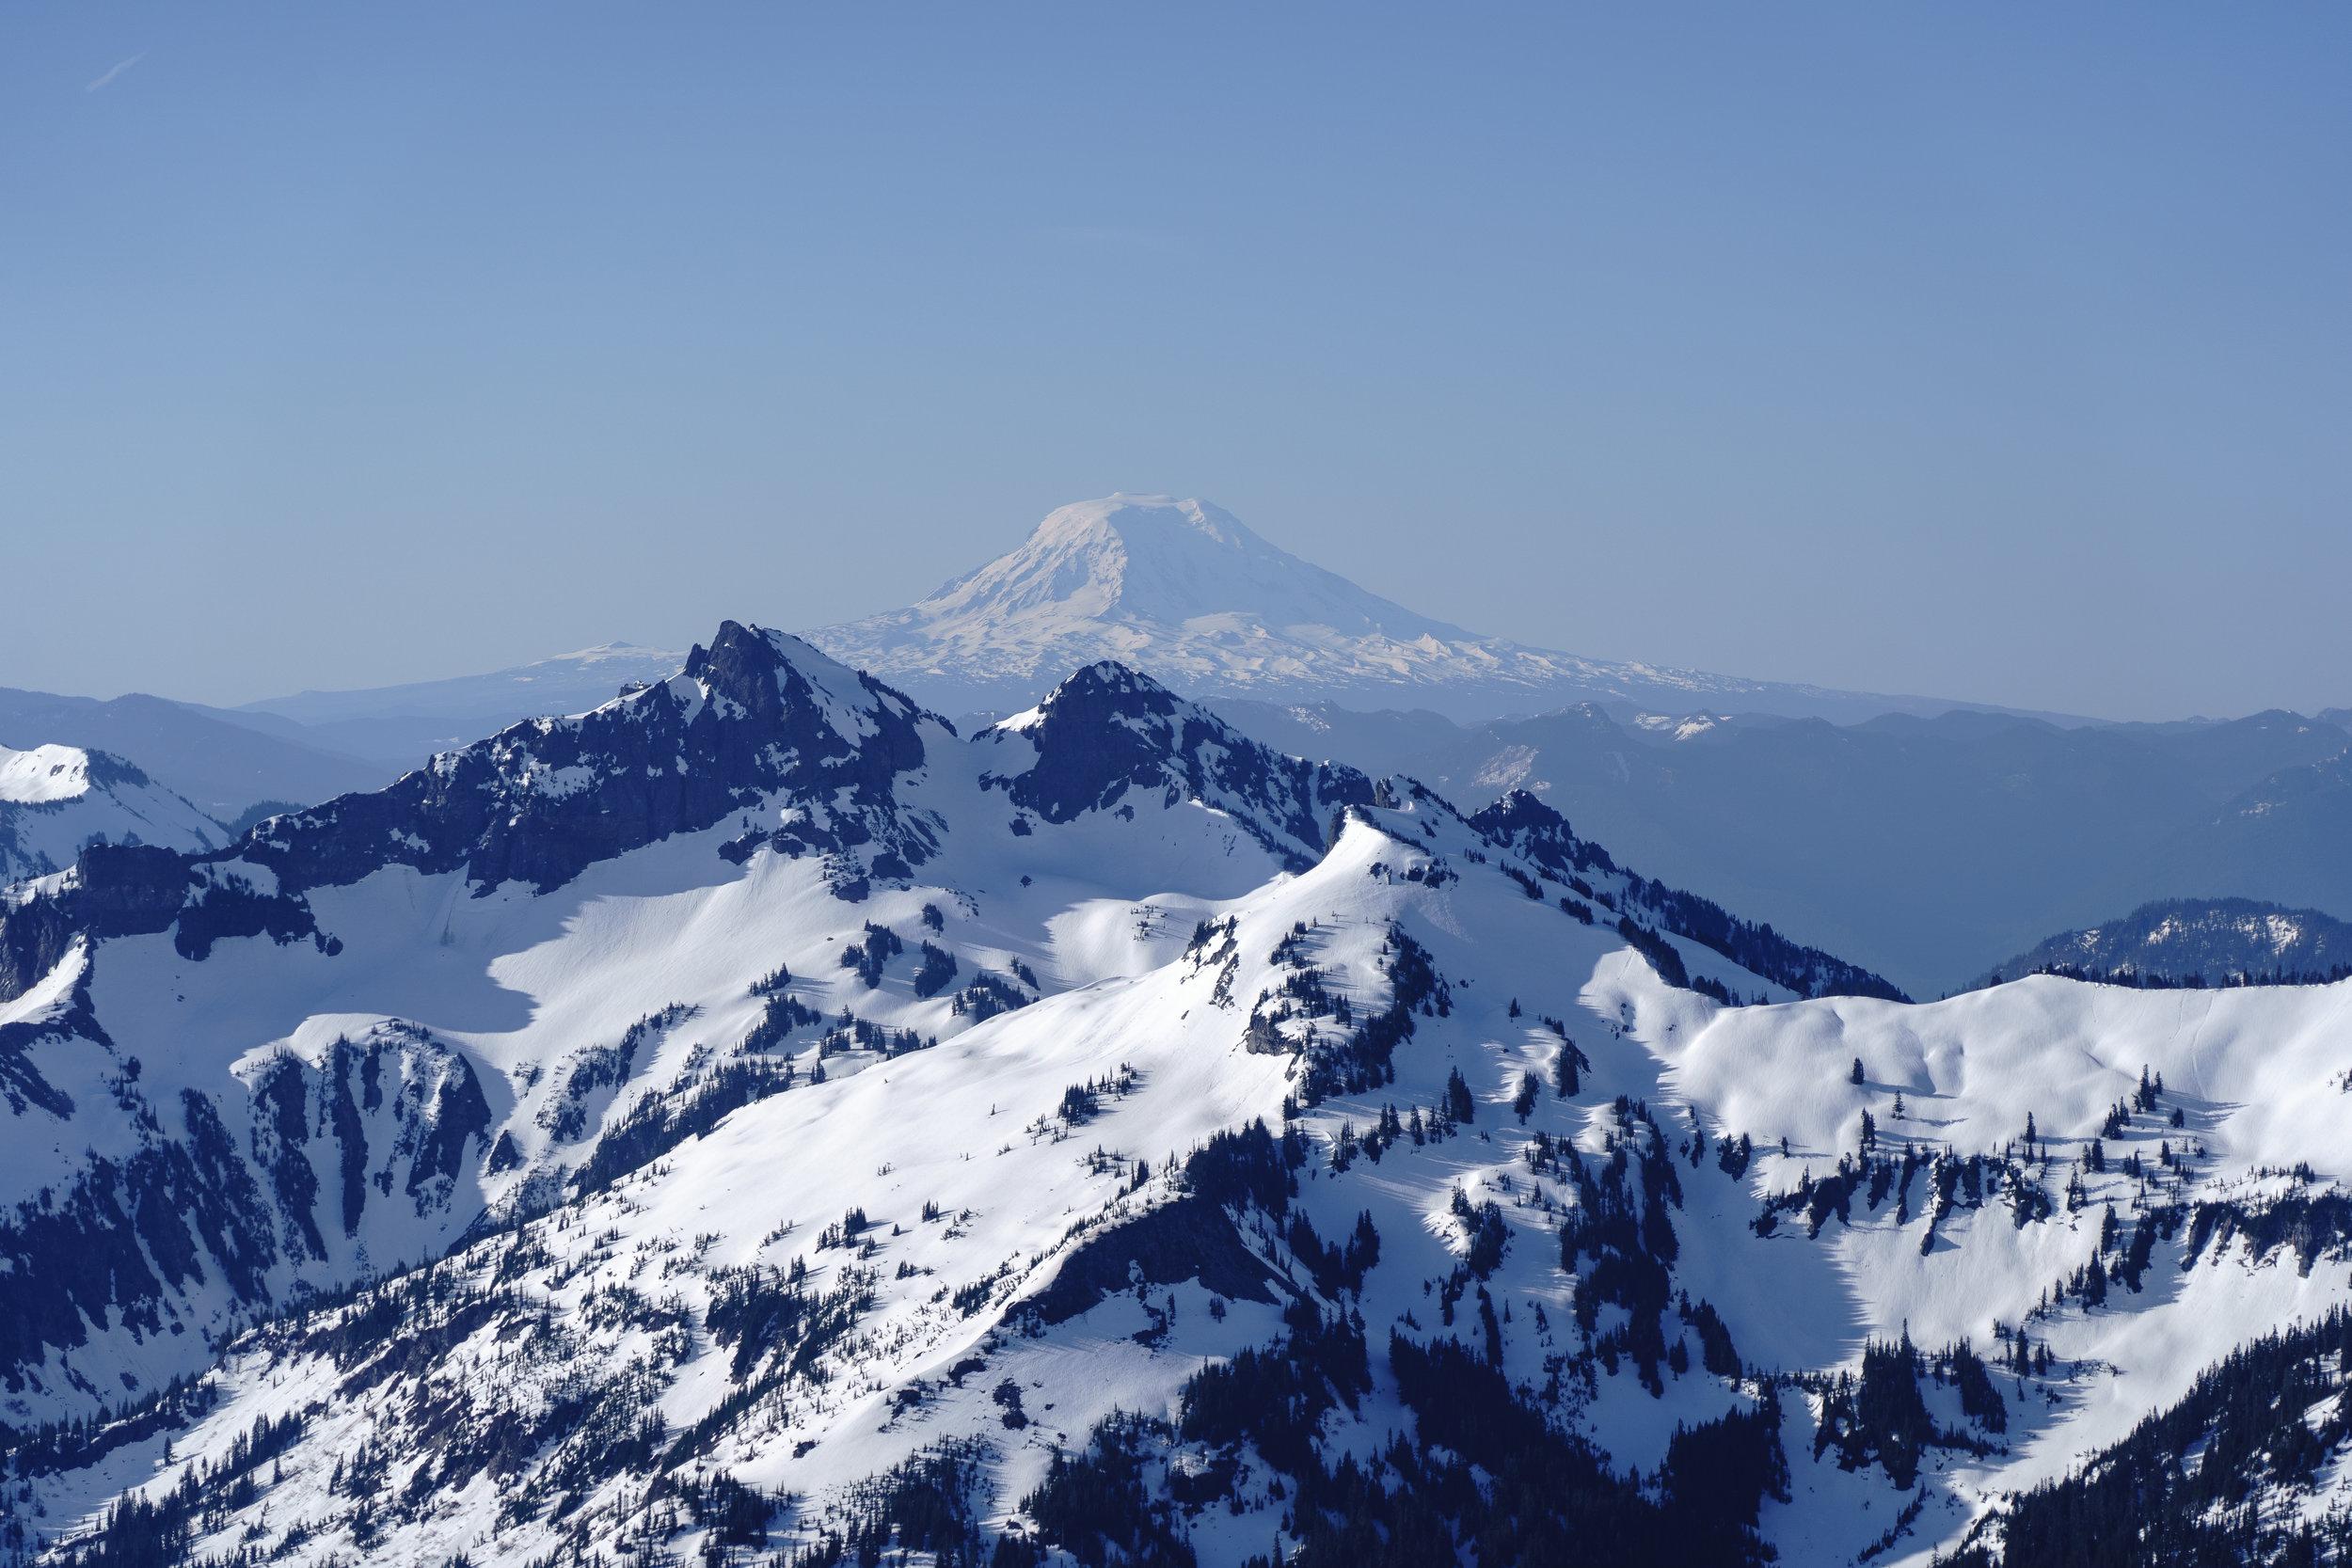 Mt. Adam's